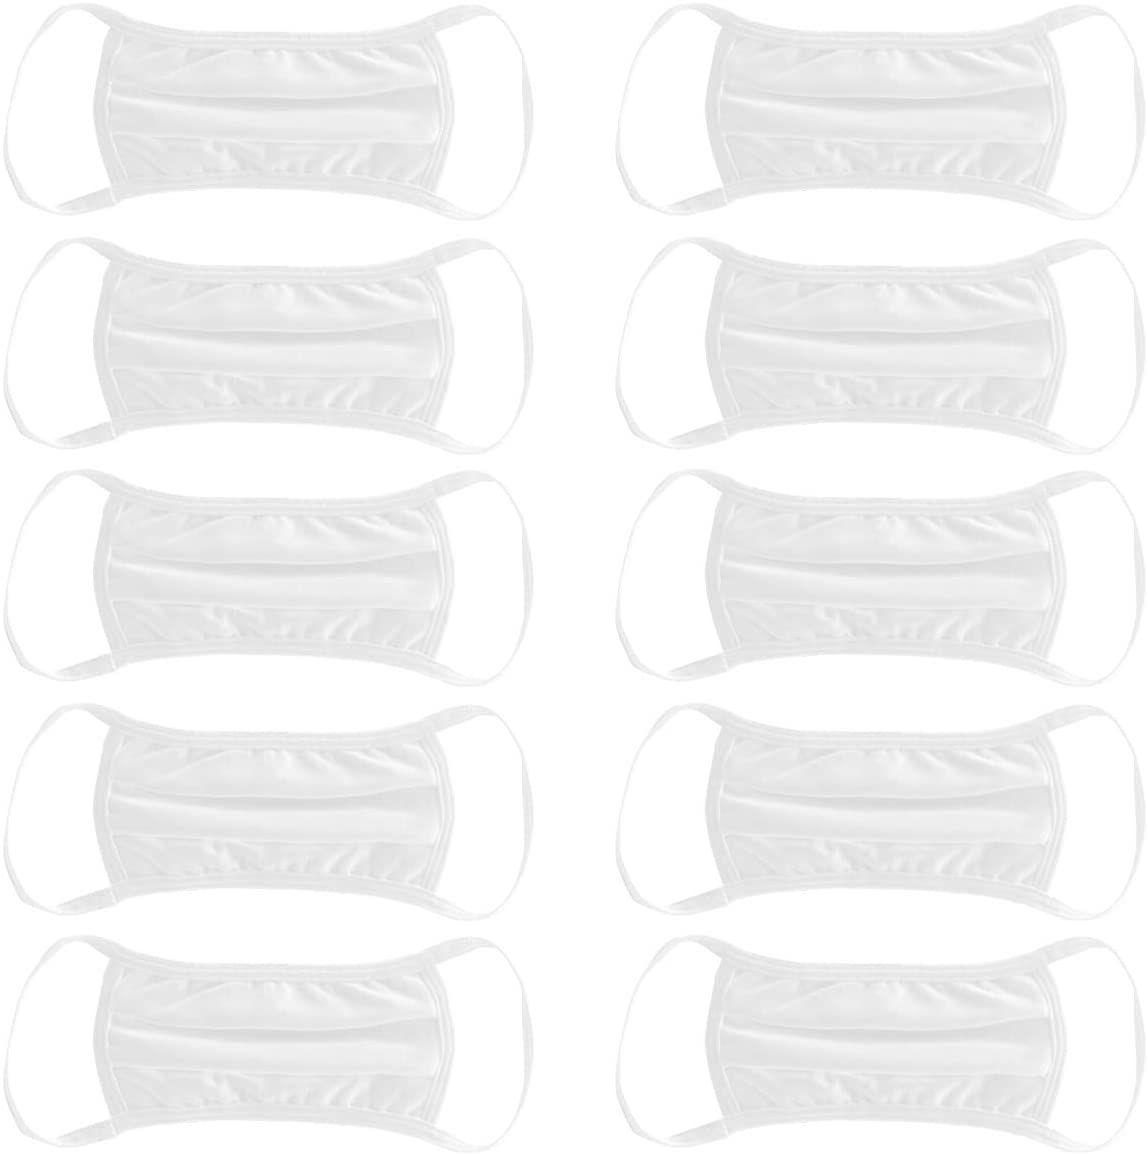 Amazon MX: Paquete de 10 cubrebocas Hanes (lavables y reutilizables)